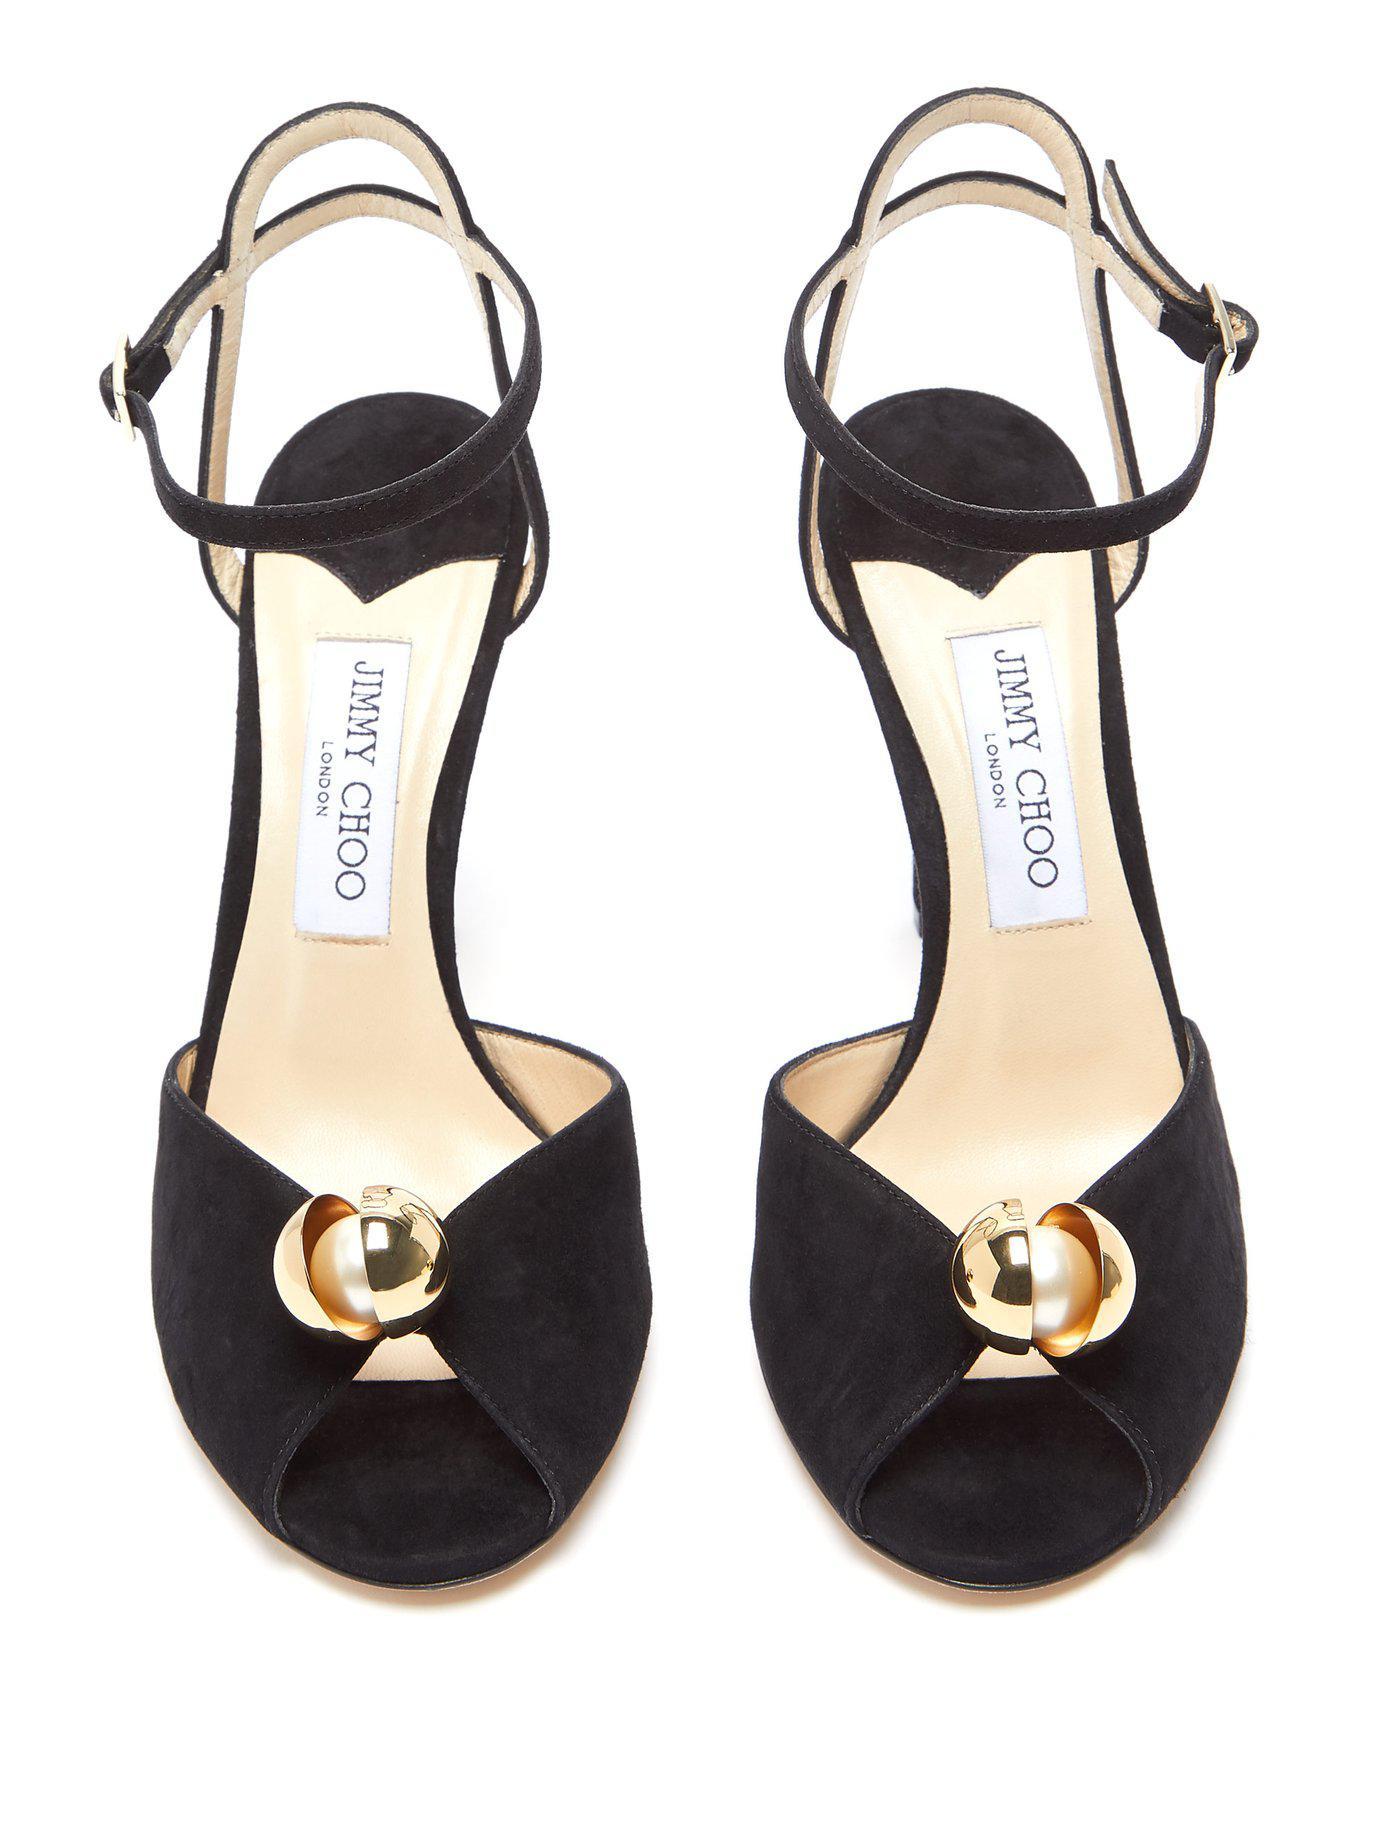 47c154e684e Lyst - Jimmy Choo Sacora Suede Sandals in Black